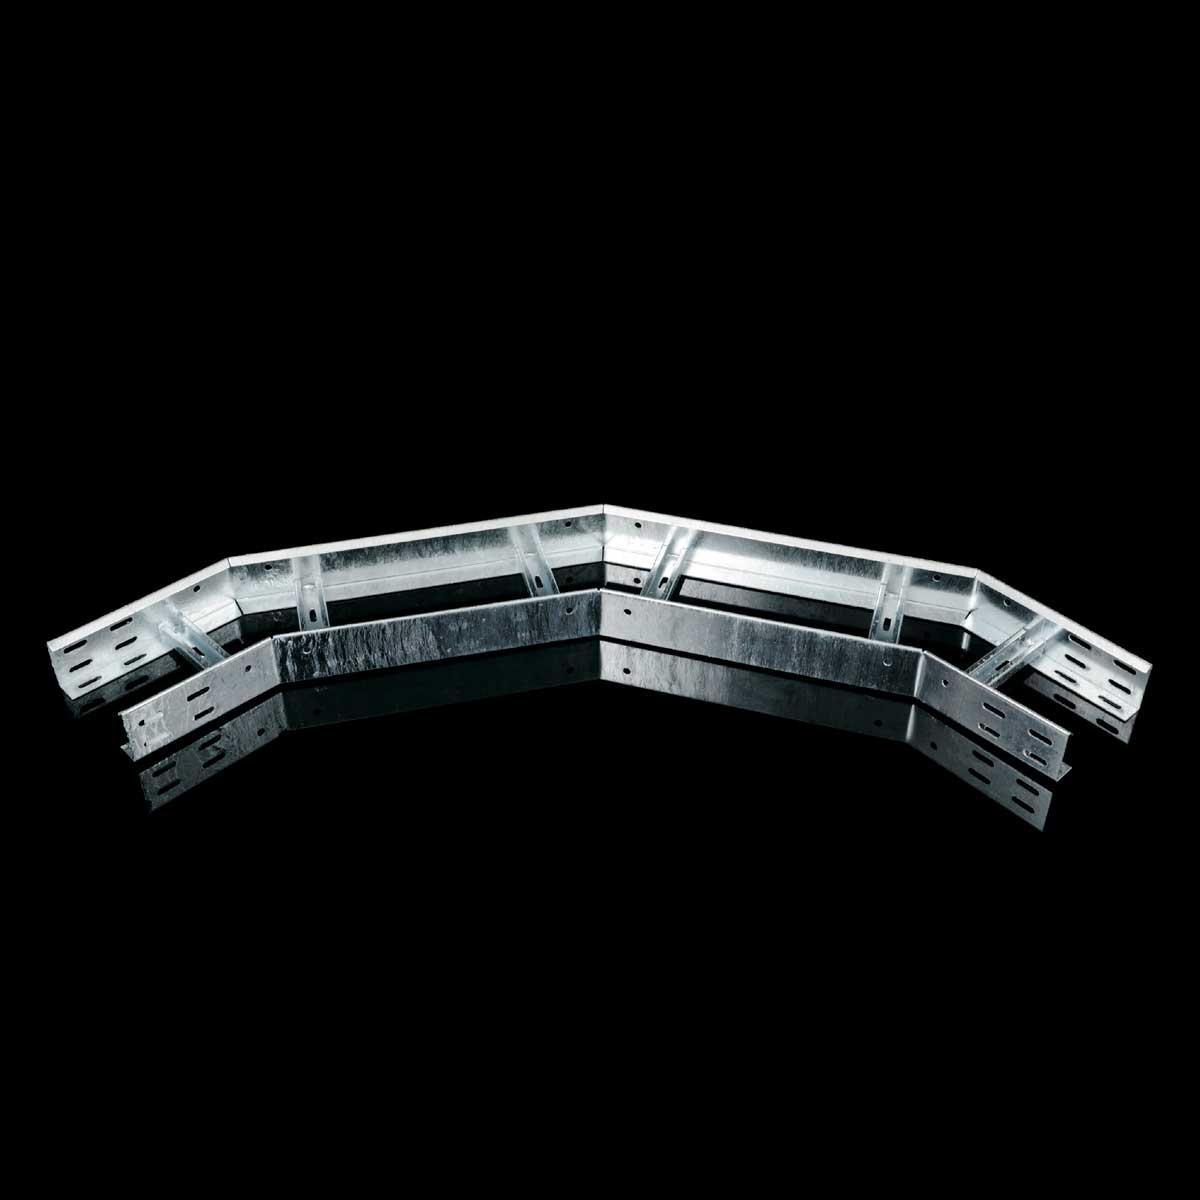 Відгалуження горизонтальні на лоток драбинного типу KOPOS; розміри-110x300xmm Товщ. метал - Вага-кг/м